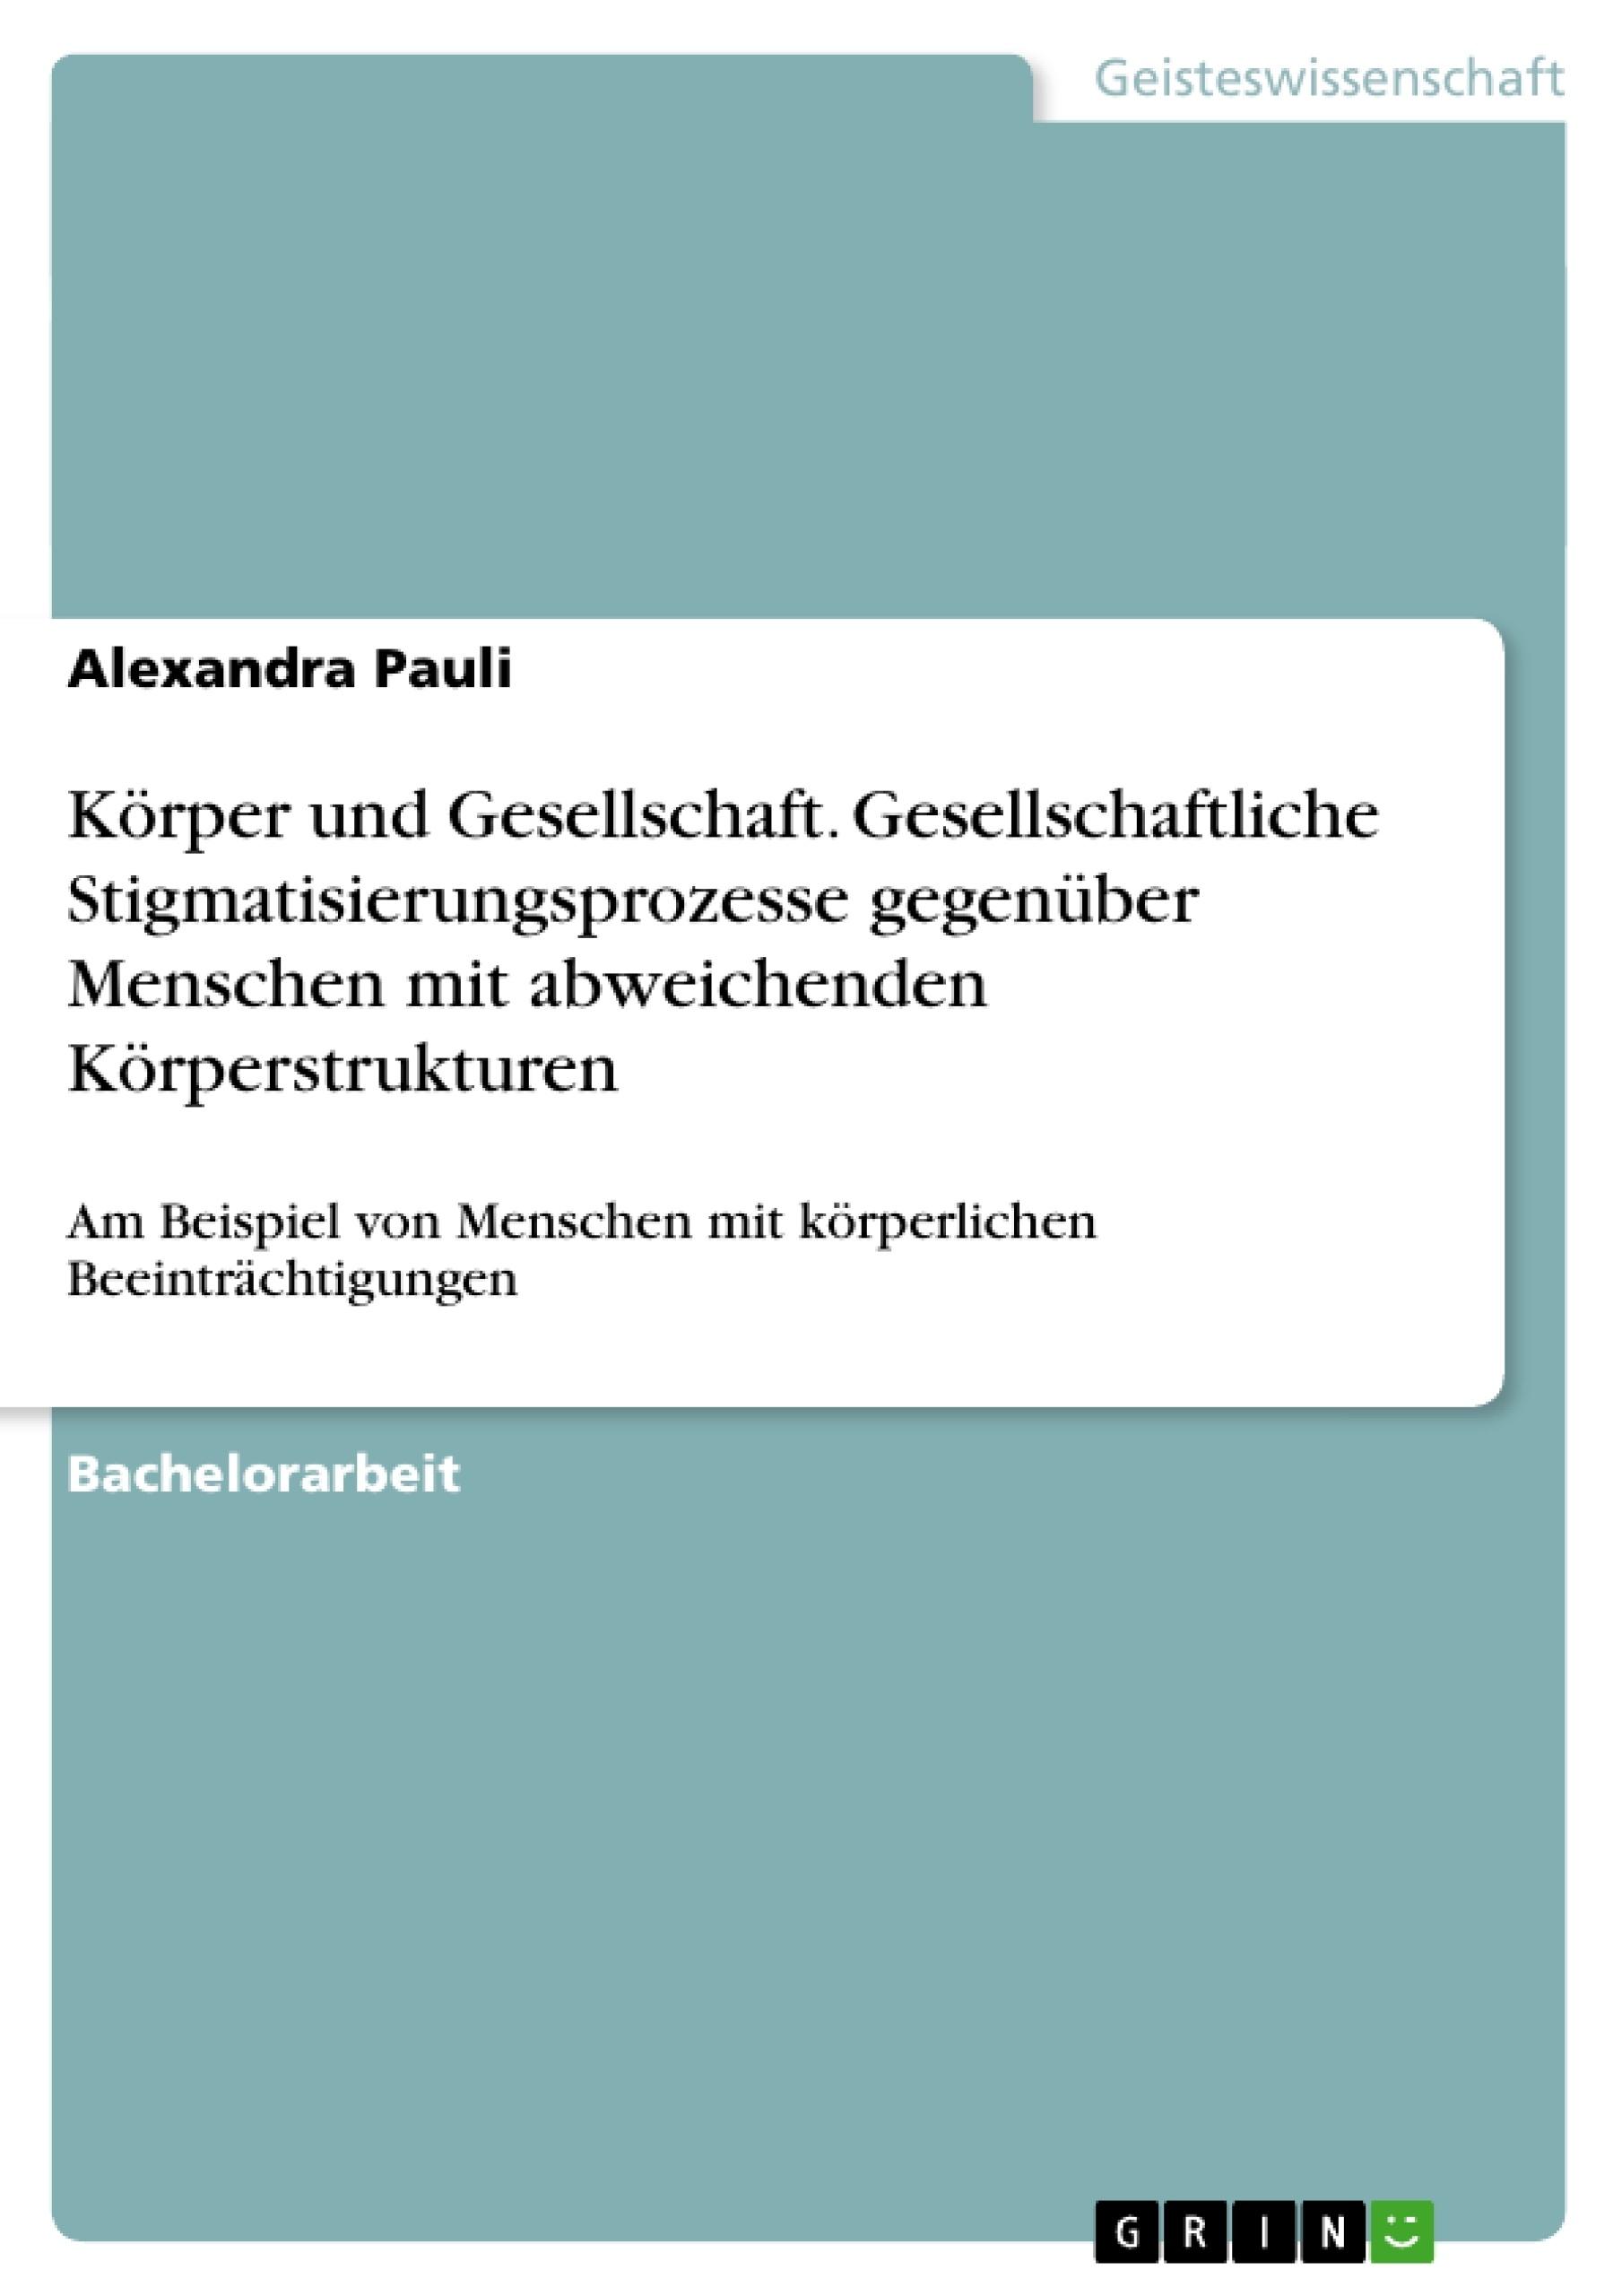 Titel: Körper und Gesellschaft. Gesellschaftliche Stigmatisierungsprozesse gegenüber Menschen mit abweichenden Körperstrukturen